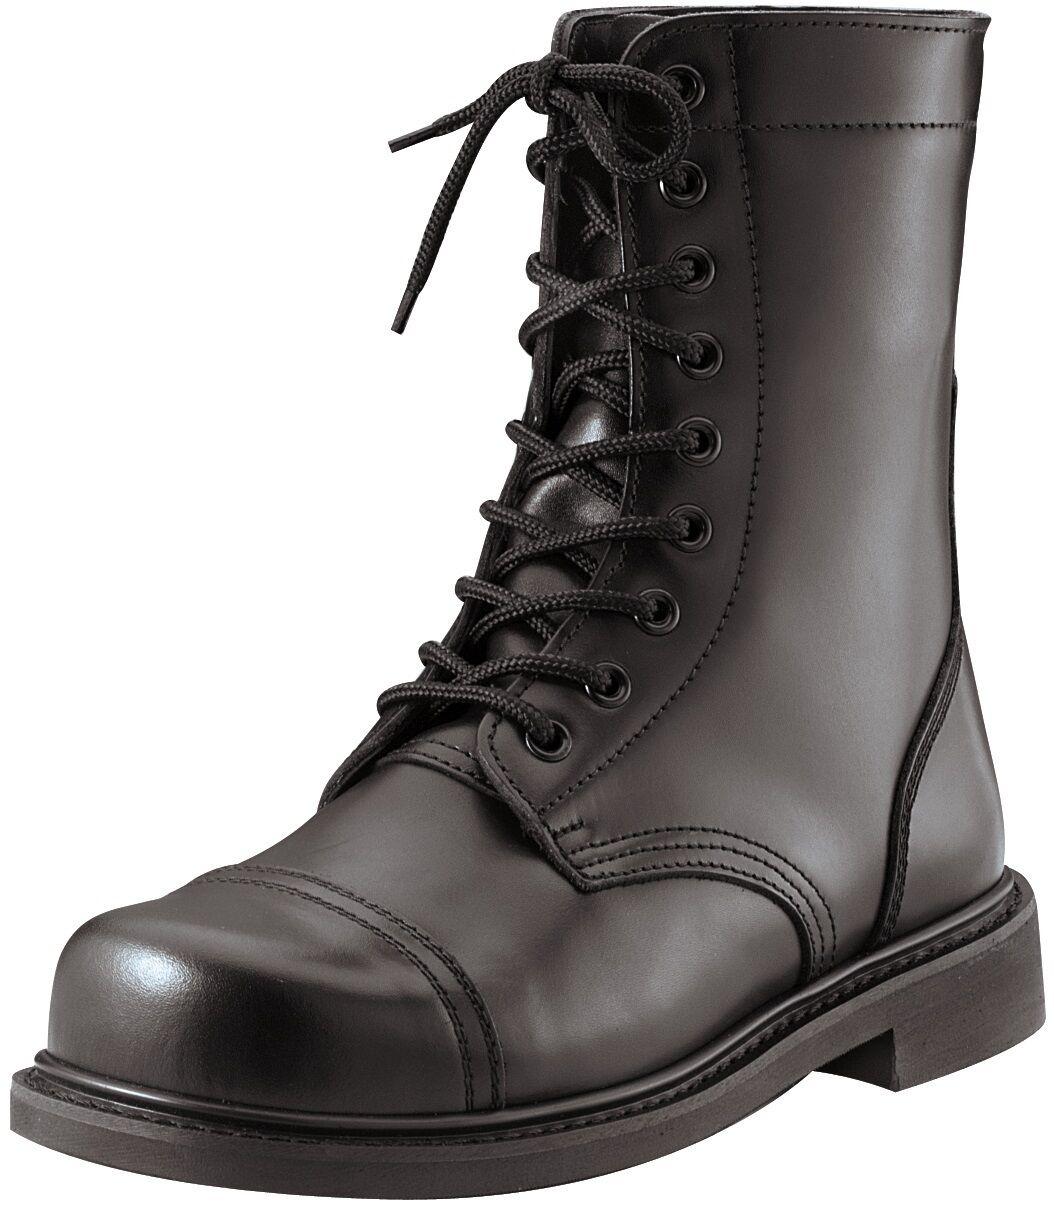 Mens Steel Toe GI Style Style Style nero Combat stivali   avvio Dimensiones 5-13 e3c21d